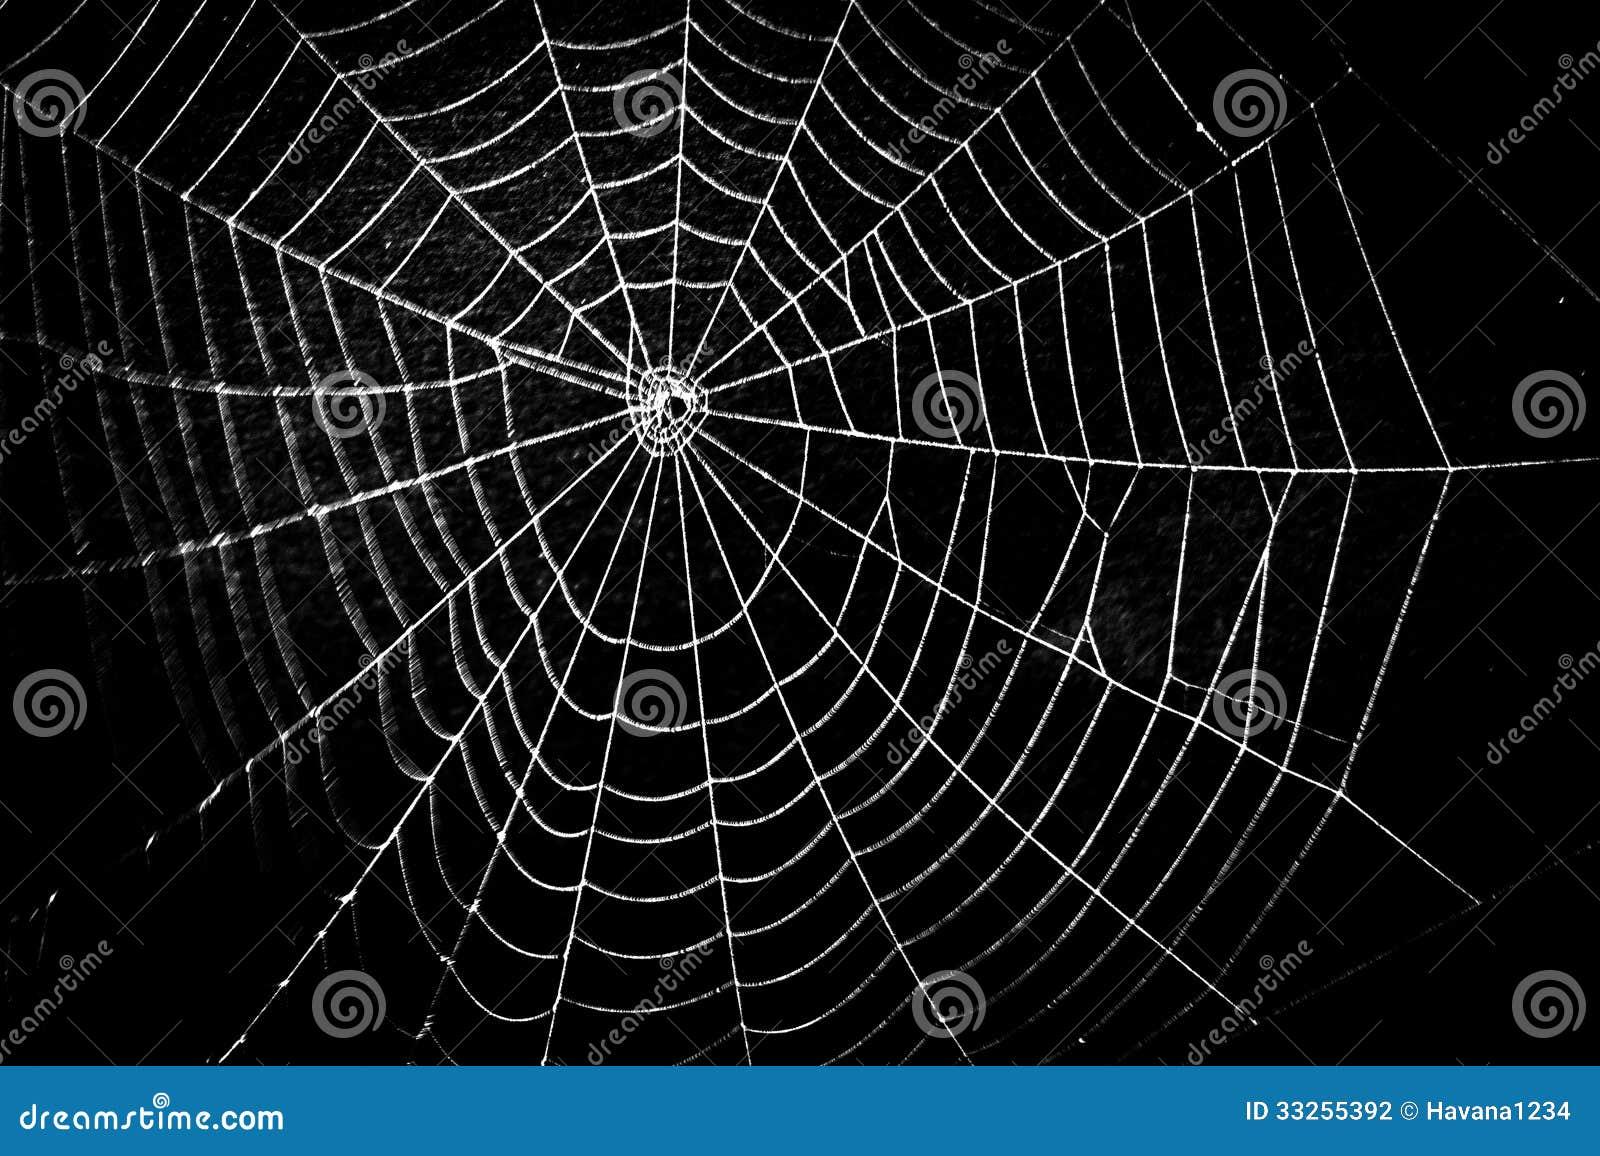 Erotic webs